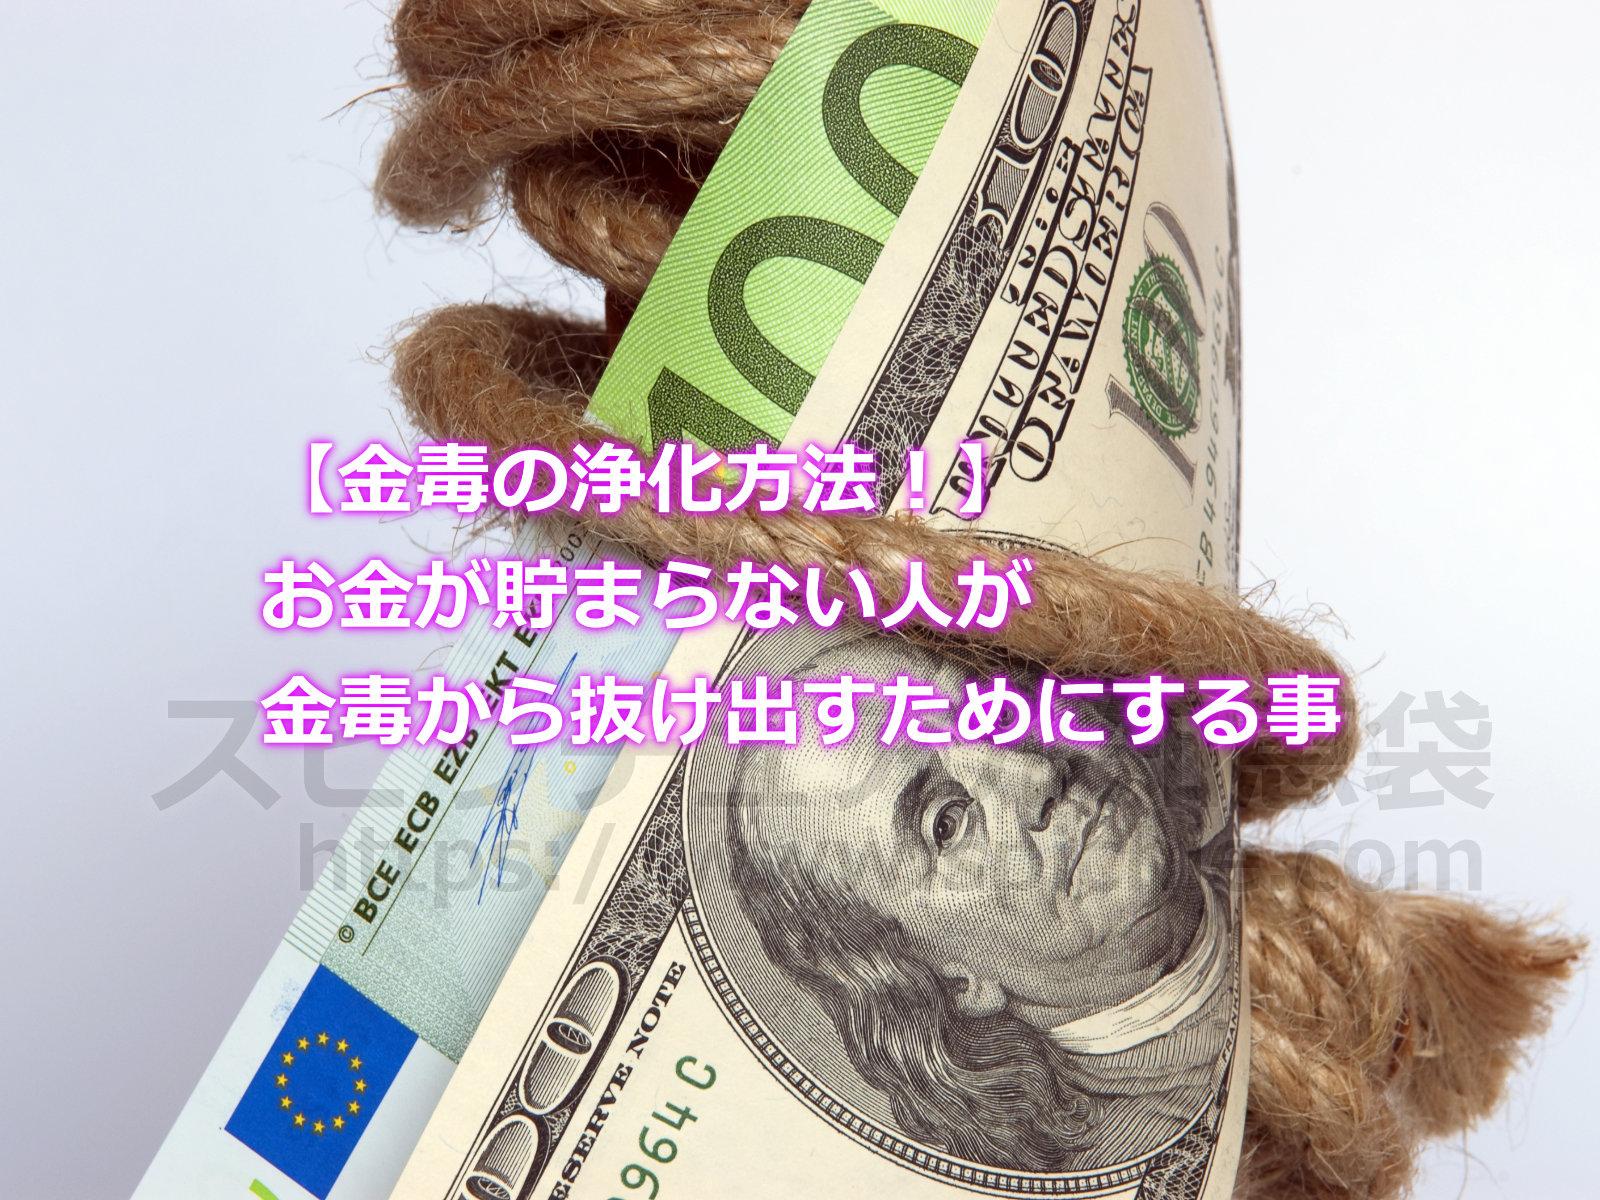 【金毒の浄化方法!】お金が貯まらない人が金毒から抜け出すためにする事のアイキャッチ画像